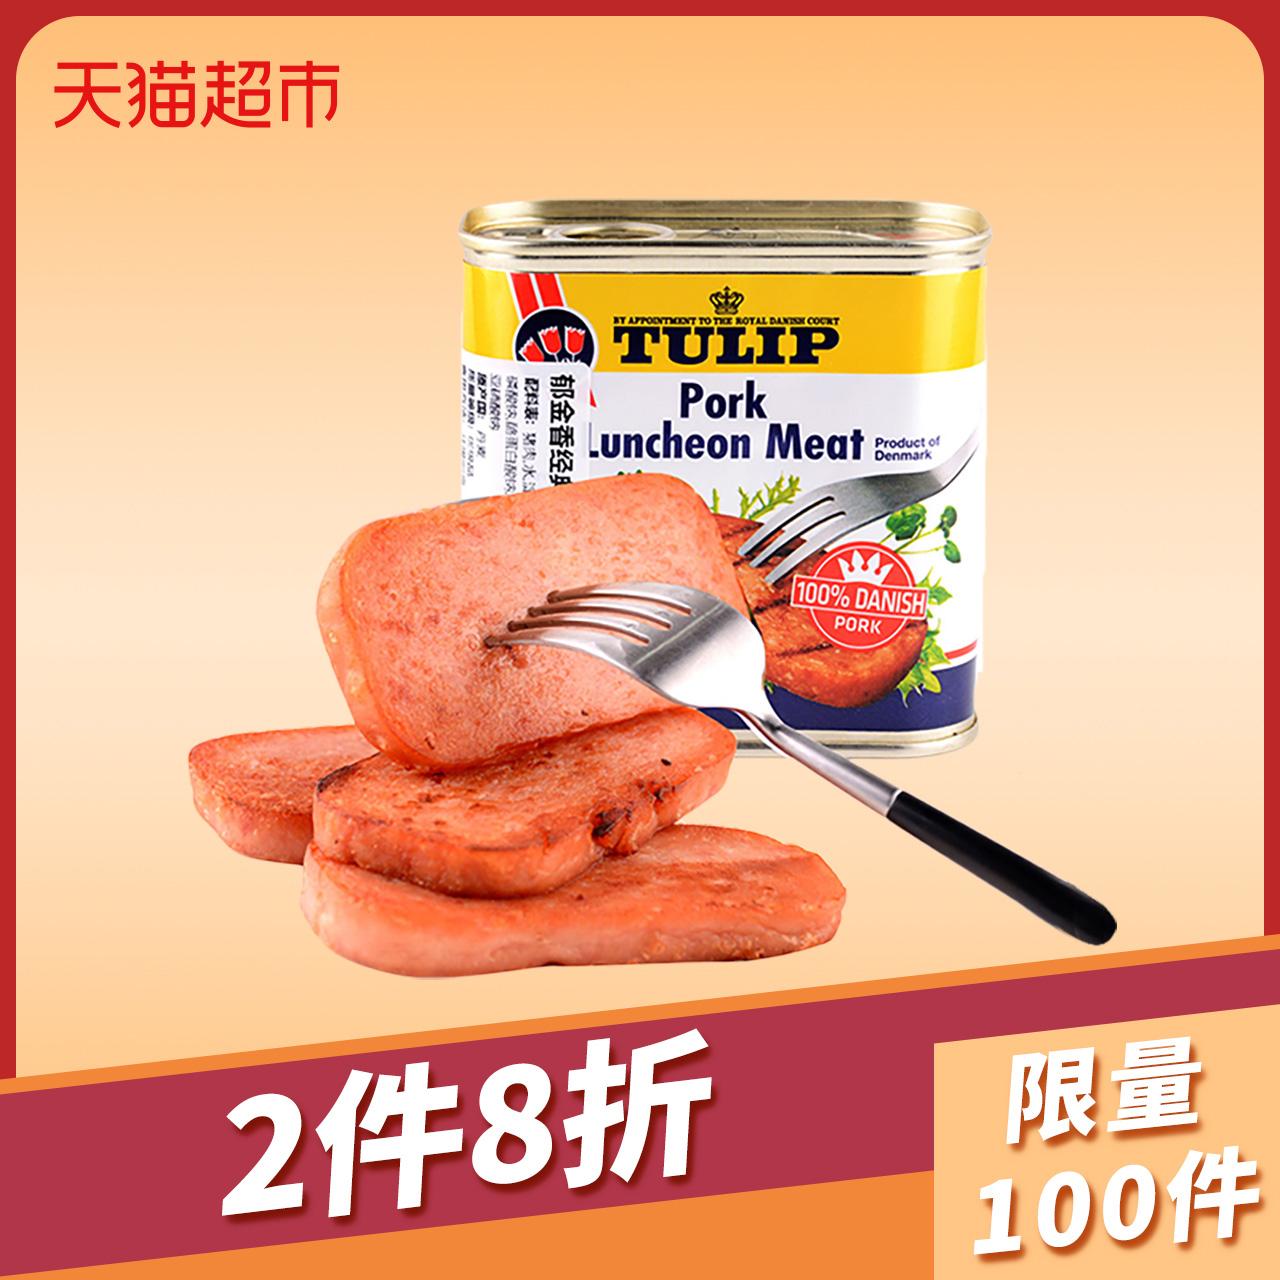 丹麦进口郁金香经典午餐肉罐头340g早餐煎饼户外便捷猪肉特产